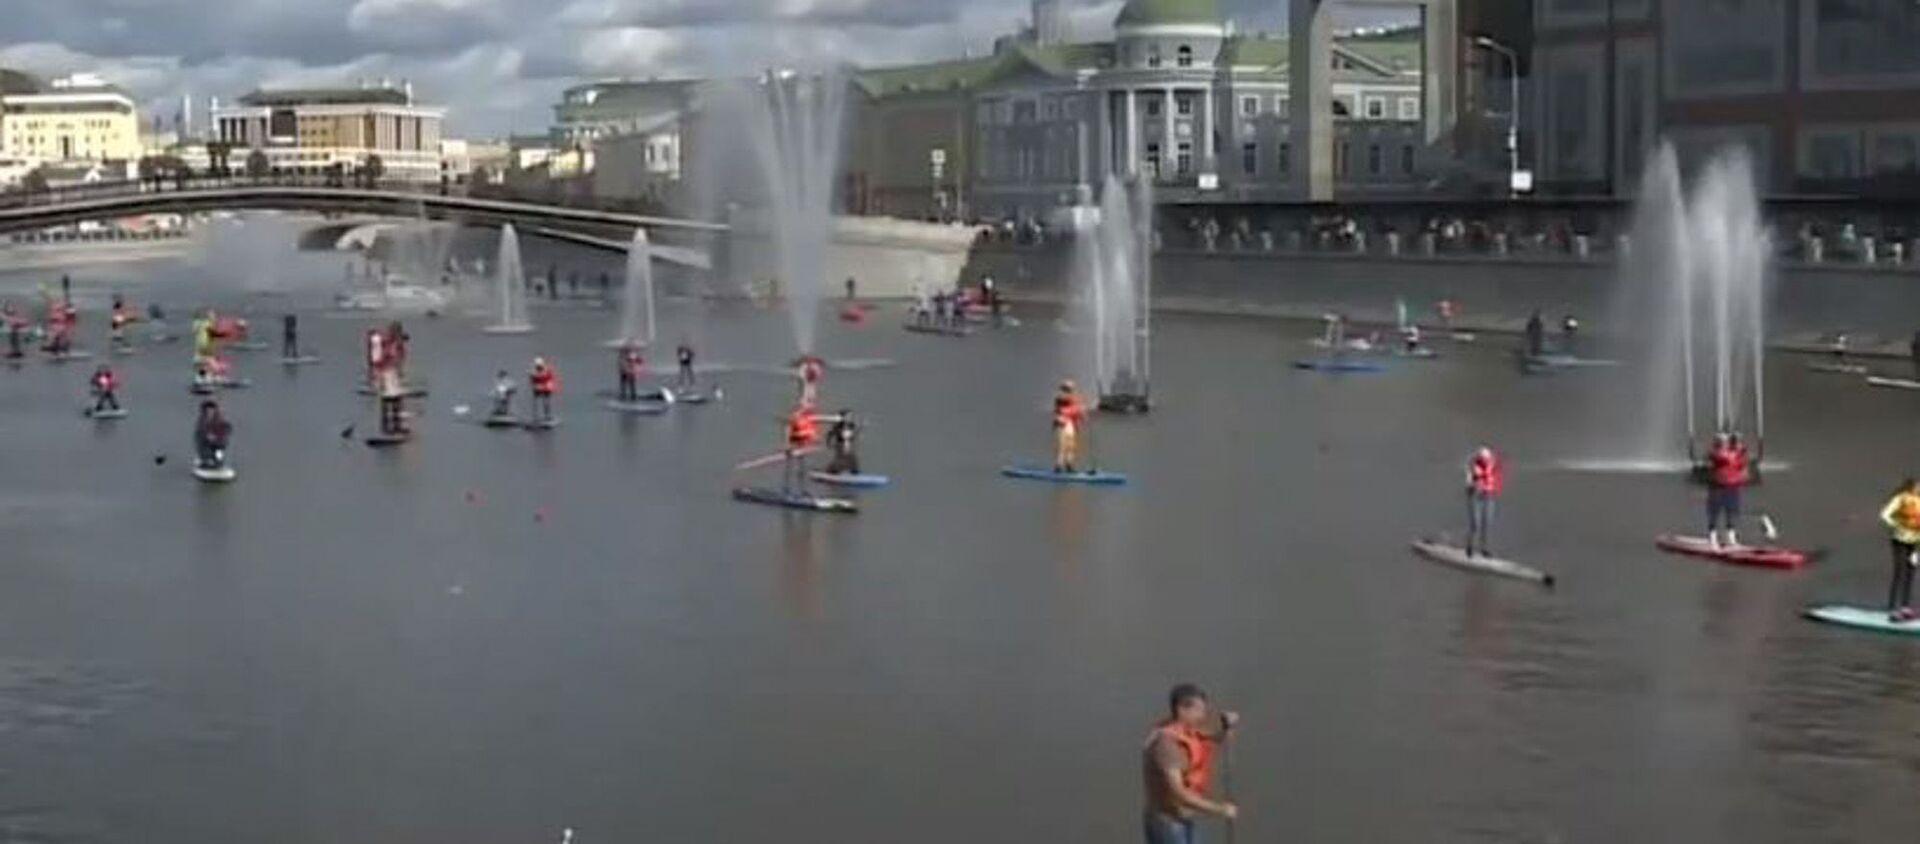 На сапе вдоль Кремля: фестиваль водного спорта - Sputnik Абхазия, 1920, 21.09.2020